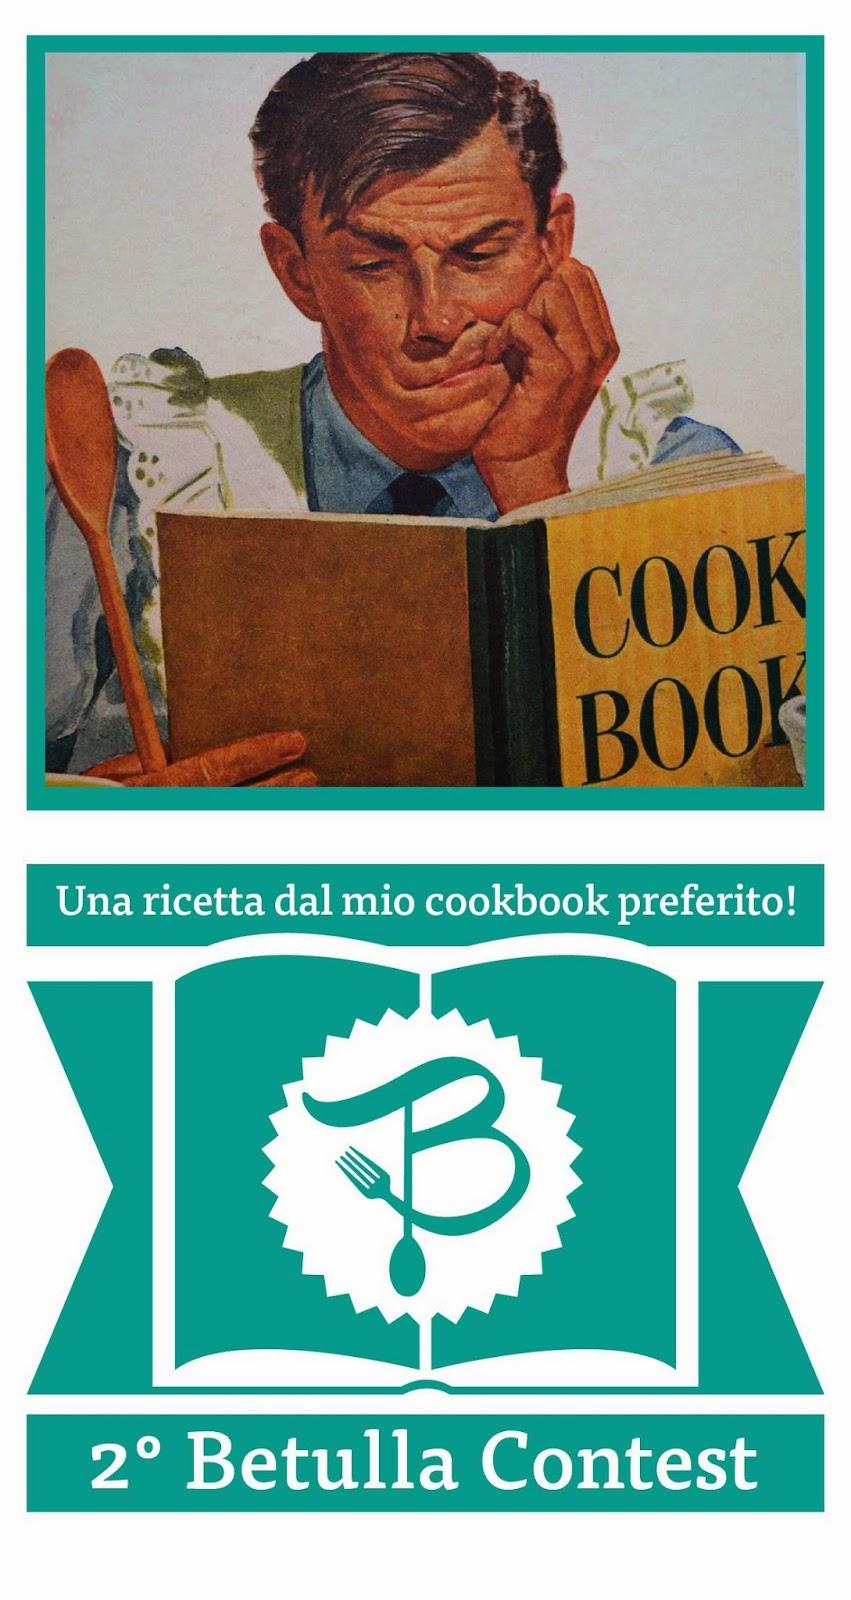 Una ricetta dal mio libro di cucina preferito